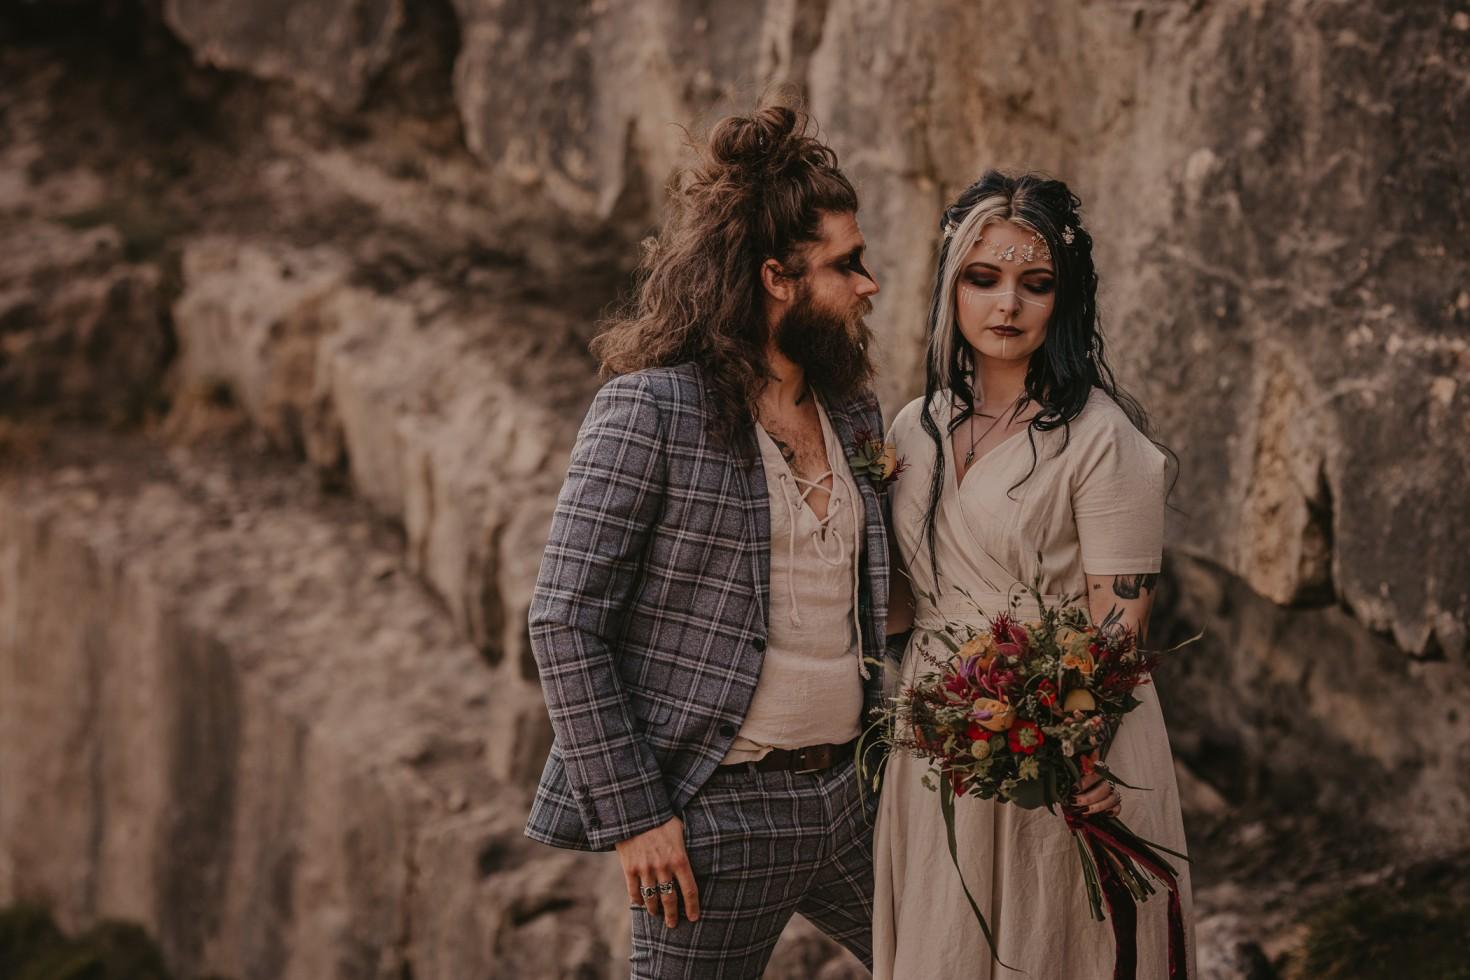 viking wedding - unique wedding wear - bohemian wedding wear - wedding wildflowers - unique wedding makeup